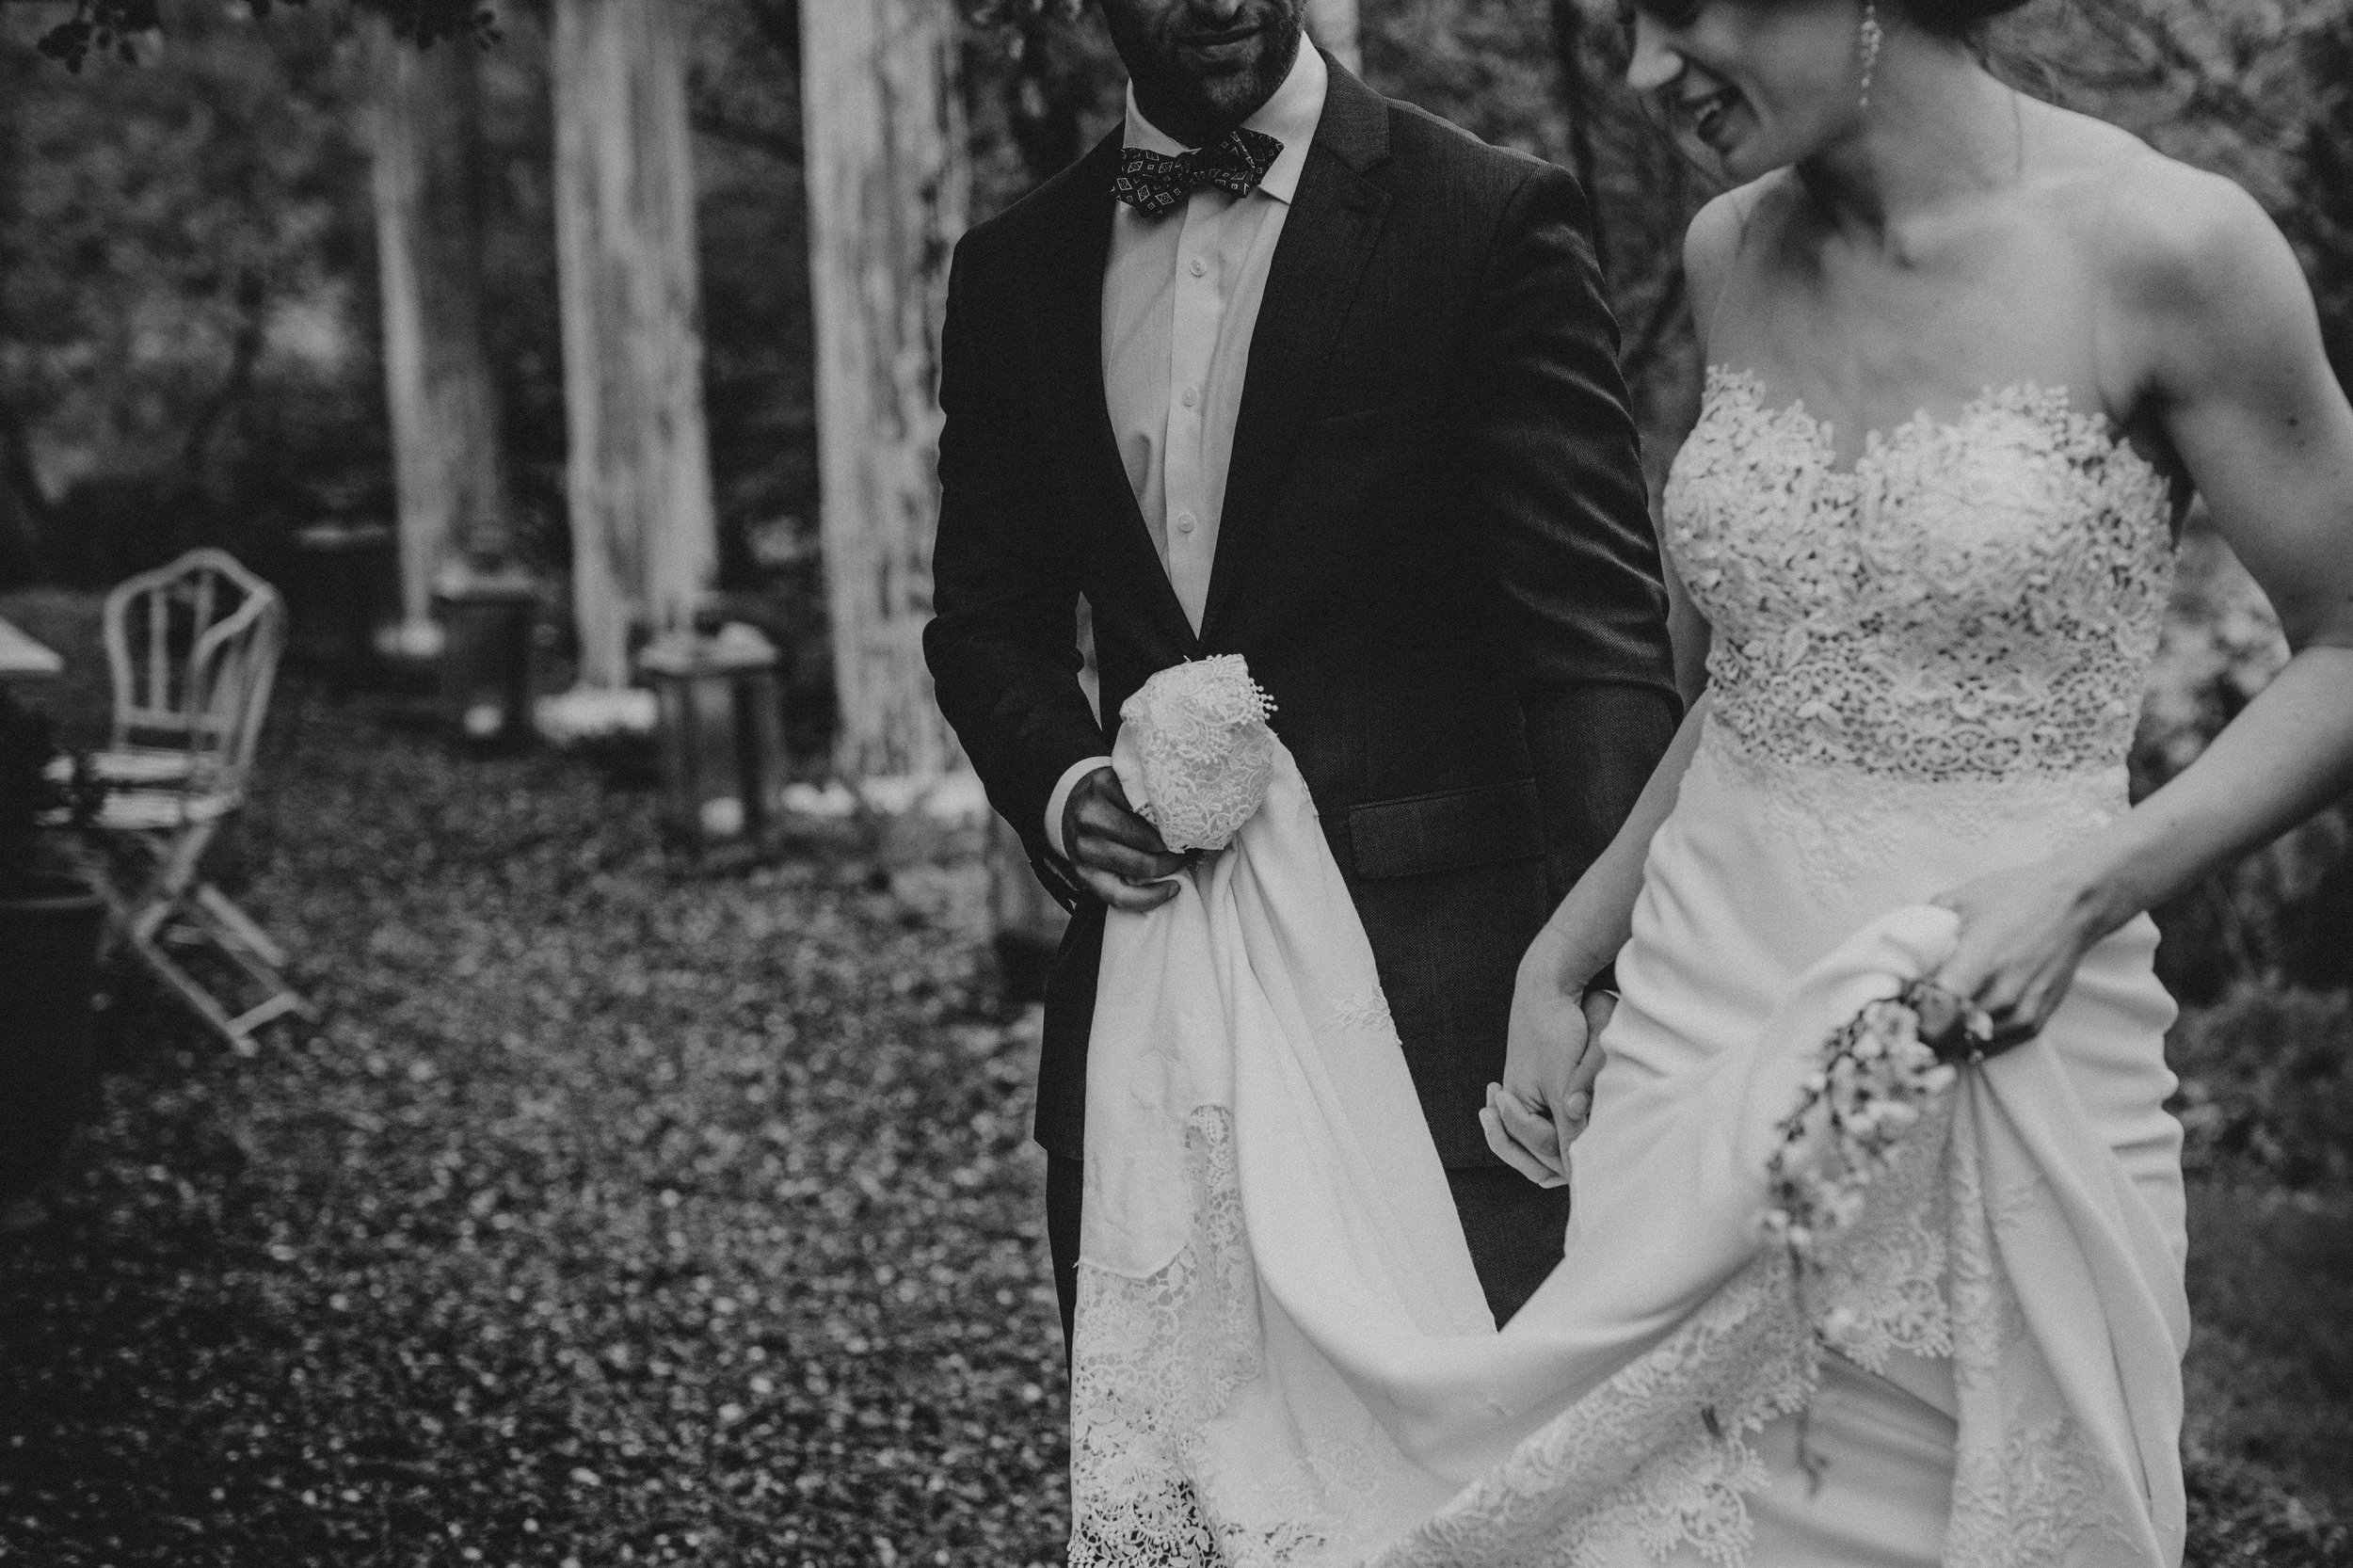 mnd_farm_westerlo_wedding0035.JPG